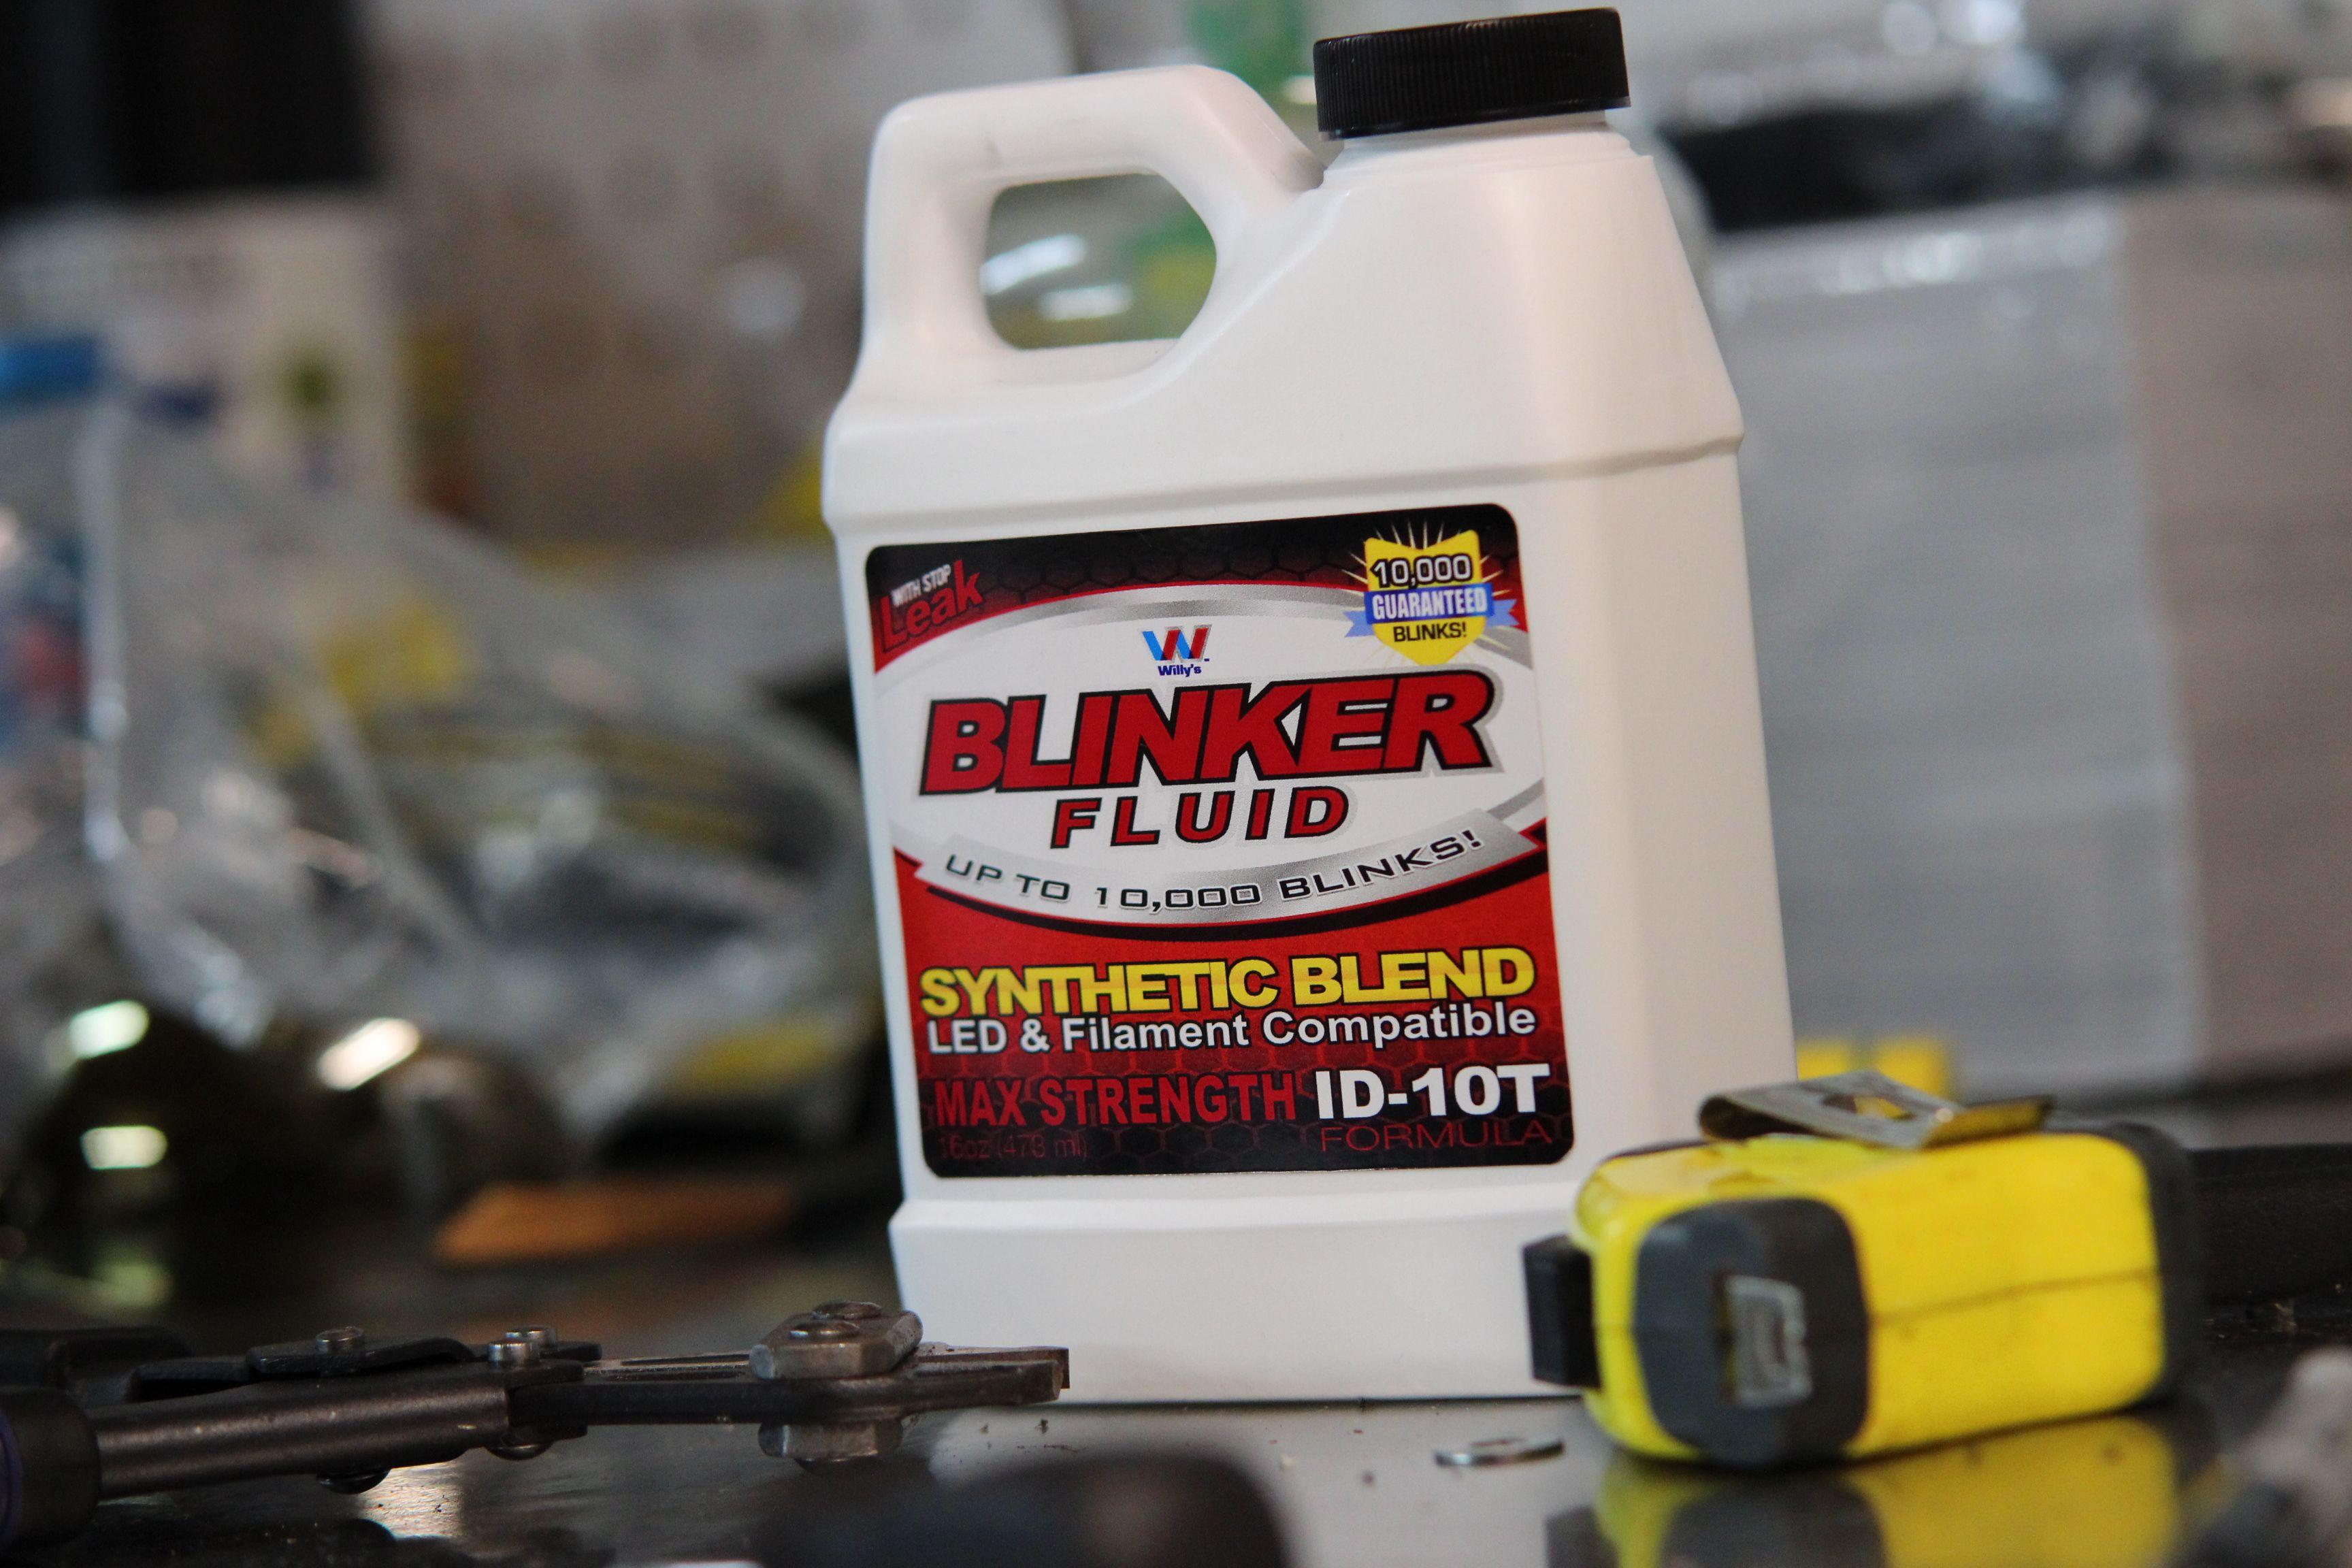 Blinker fluid works in any vehicle! www Blinker-Fluid us